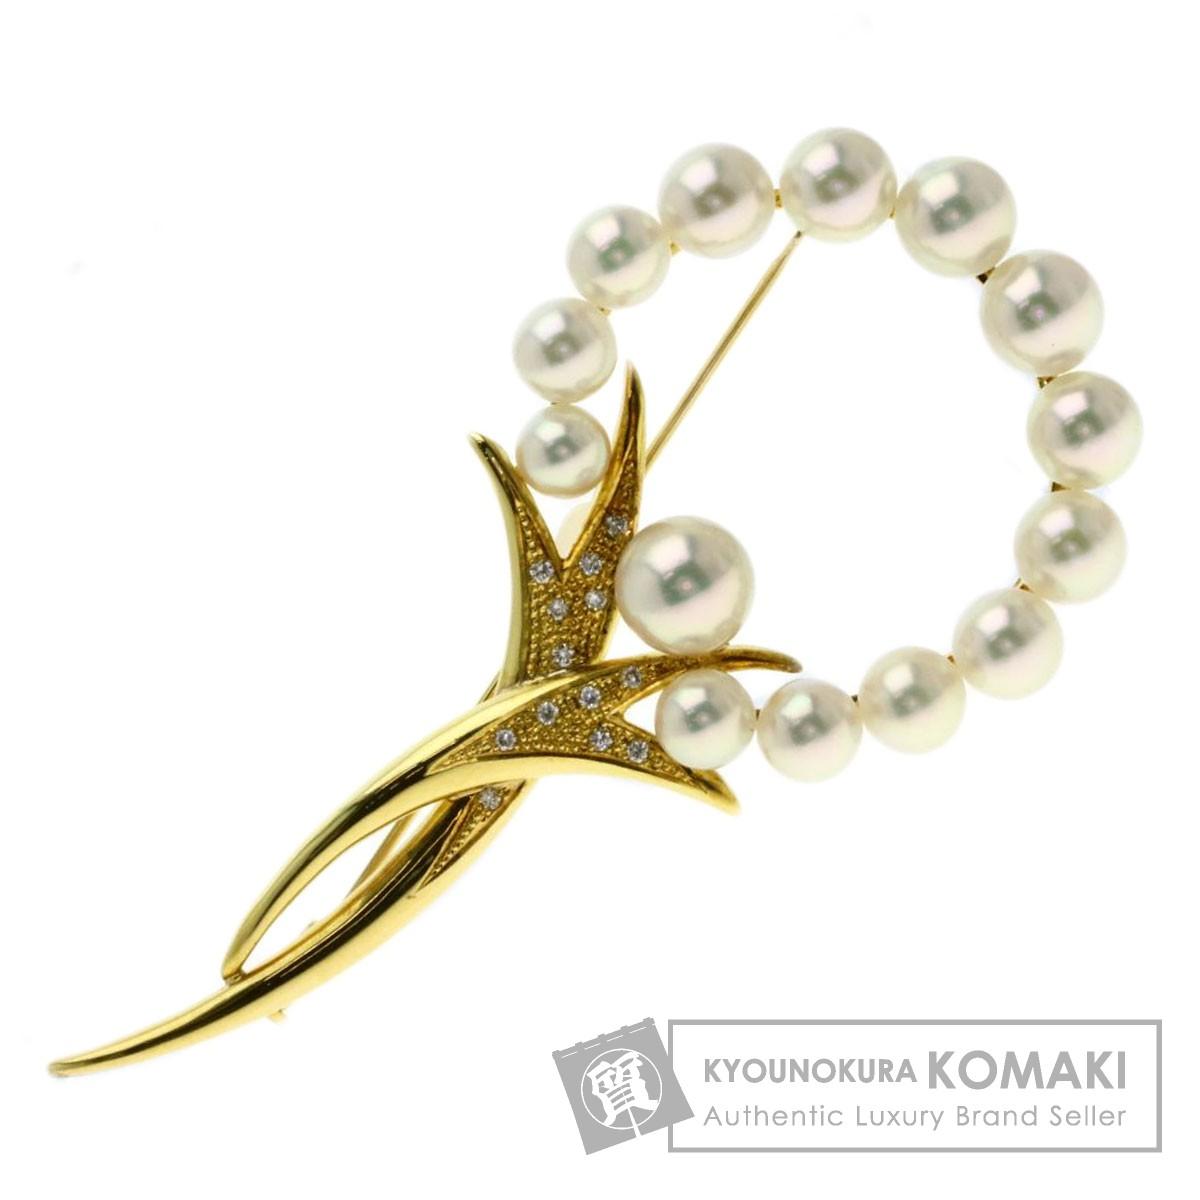 0.13ct アコヤパール 真珠 ダイヤモンド ブローチ K18イエローゴールド 16.7g レディース 【中古】